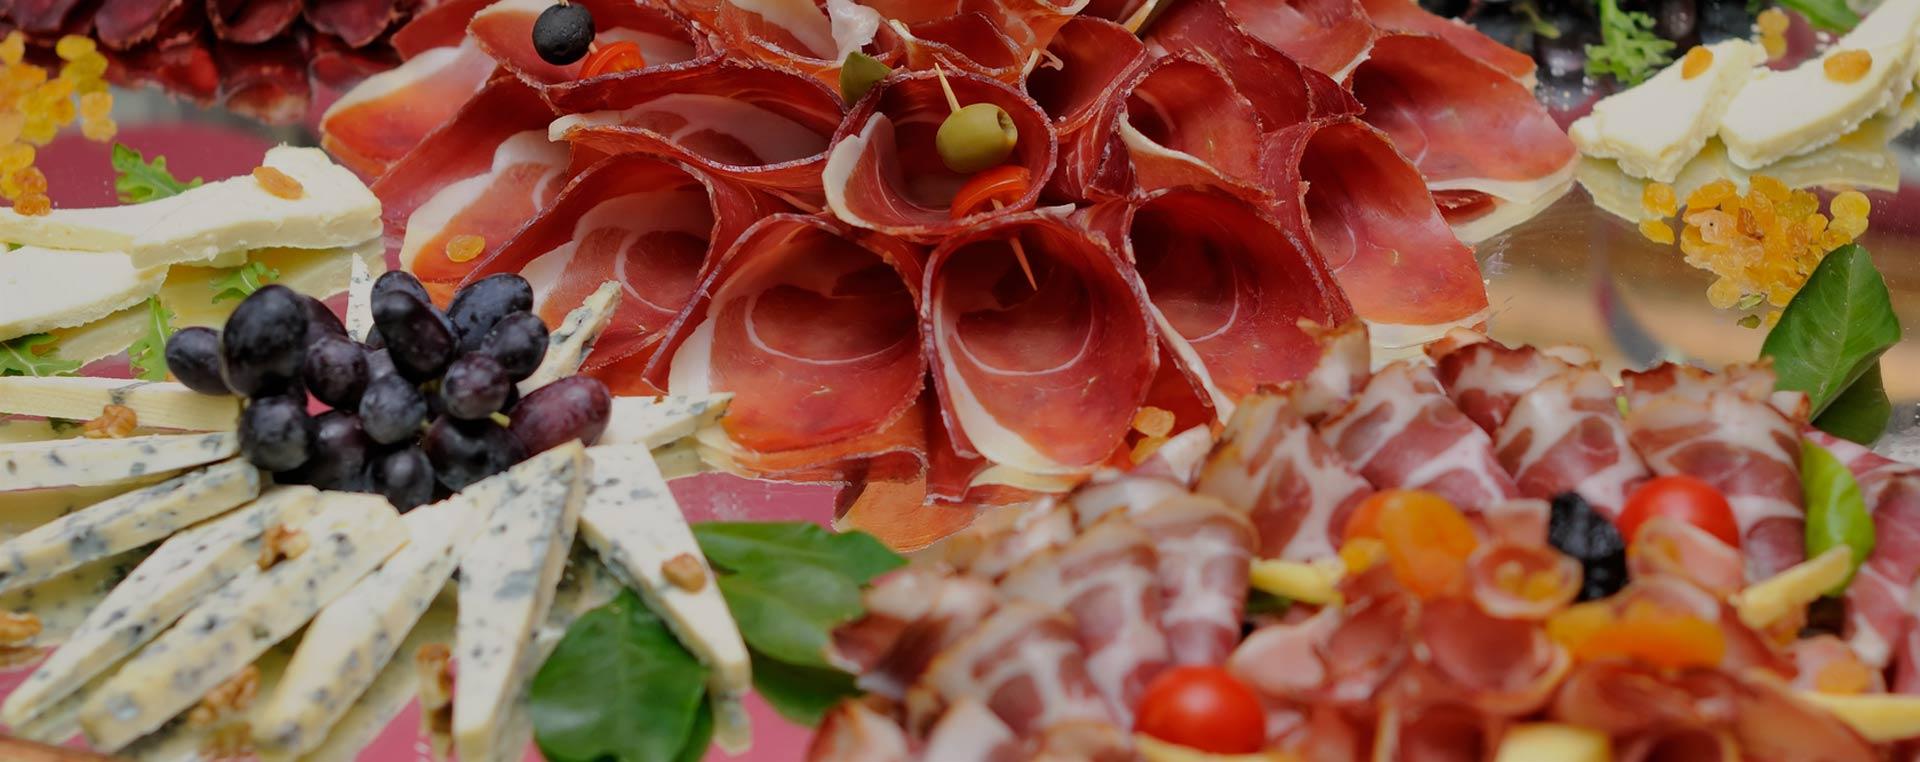 Las exportaciones españolas de jamón curado han encontrado en México un mercado potencial en desarrollo y en constante crecimiento.